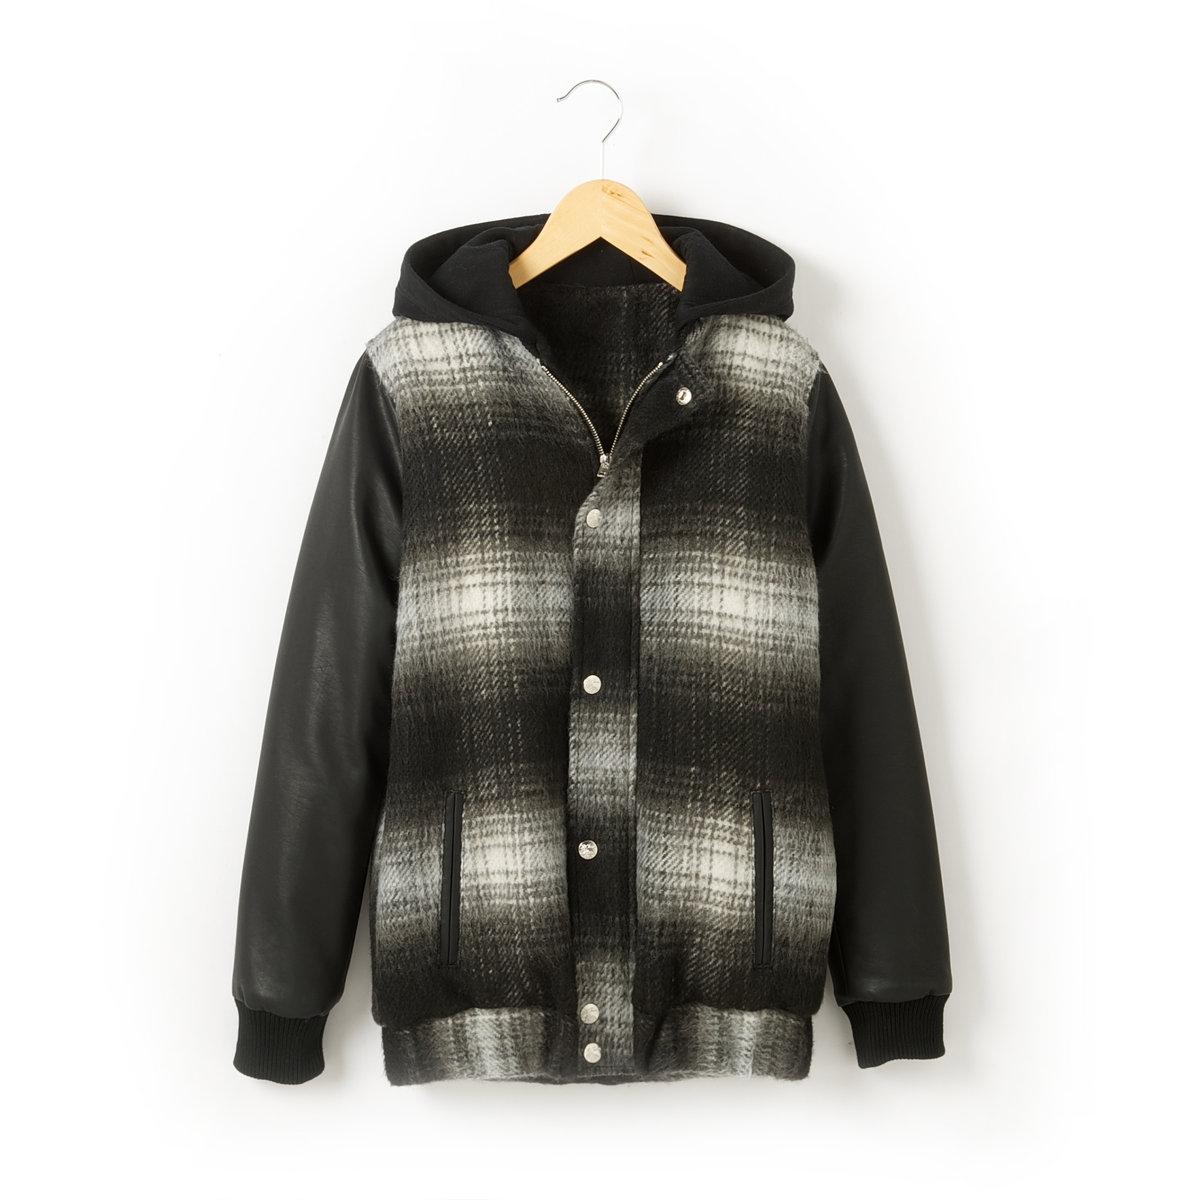 Пальто с капюшономКлетчатое пальто в стиле тедди, 72% полиэстера, 14% акрила, 6% вискозы, 3% полиамида, 3% хлопка, 2% шерсти. Подкладка и утеплитель из 100% полиэстера. Мольтоновый капюшон, 60% хлопка, 40% полиэстера. Рукава из искусственной кожи, 100% полиуретана. Супатная застежка на молнию и кнопки. 2 прорезных кармана спереди. Вырез и низ рукавов связаны в рубчик.<br><br>Цвет: в клетку черный<br>Размер: 12 лет -150 см